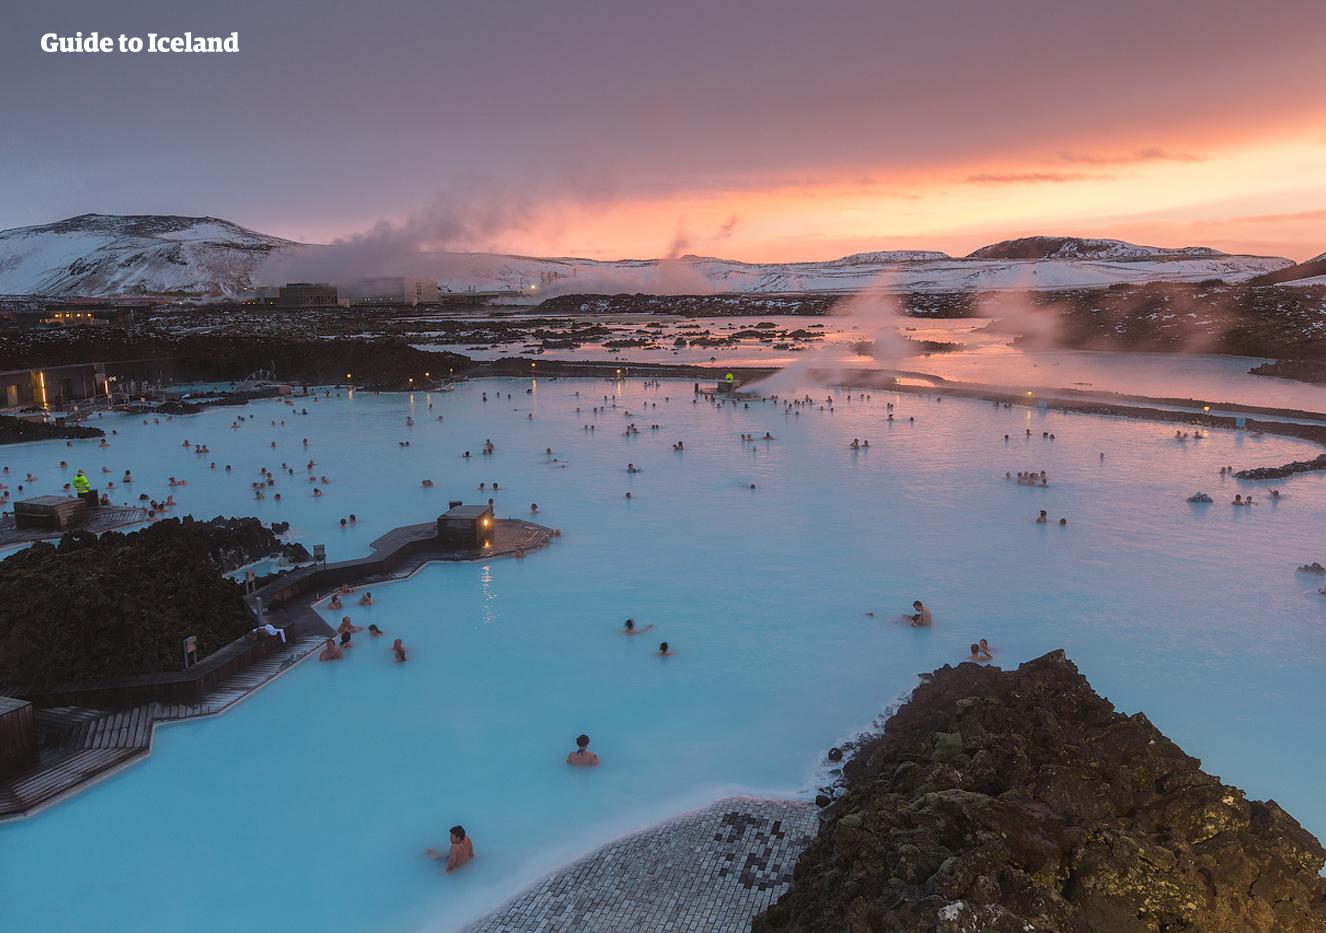 Le décor contrasté des eaux azurées du Blue Lagoon et leur ceinture de mousse d'émeraude sur la péninsule de Reykjanes.